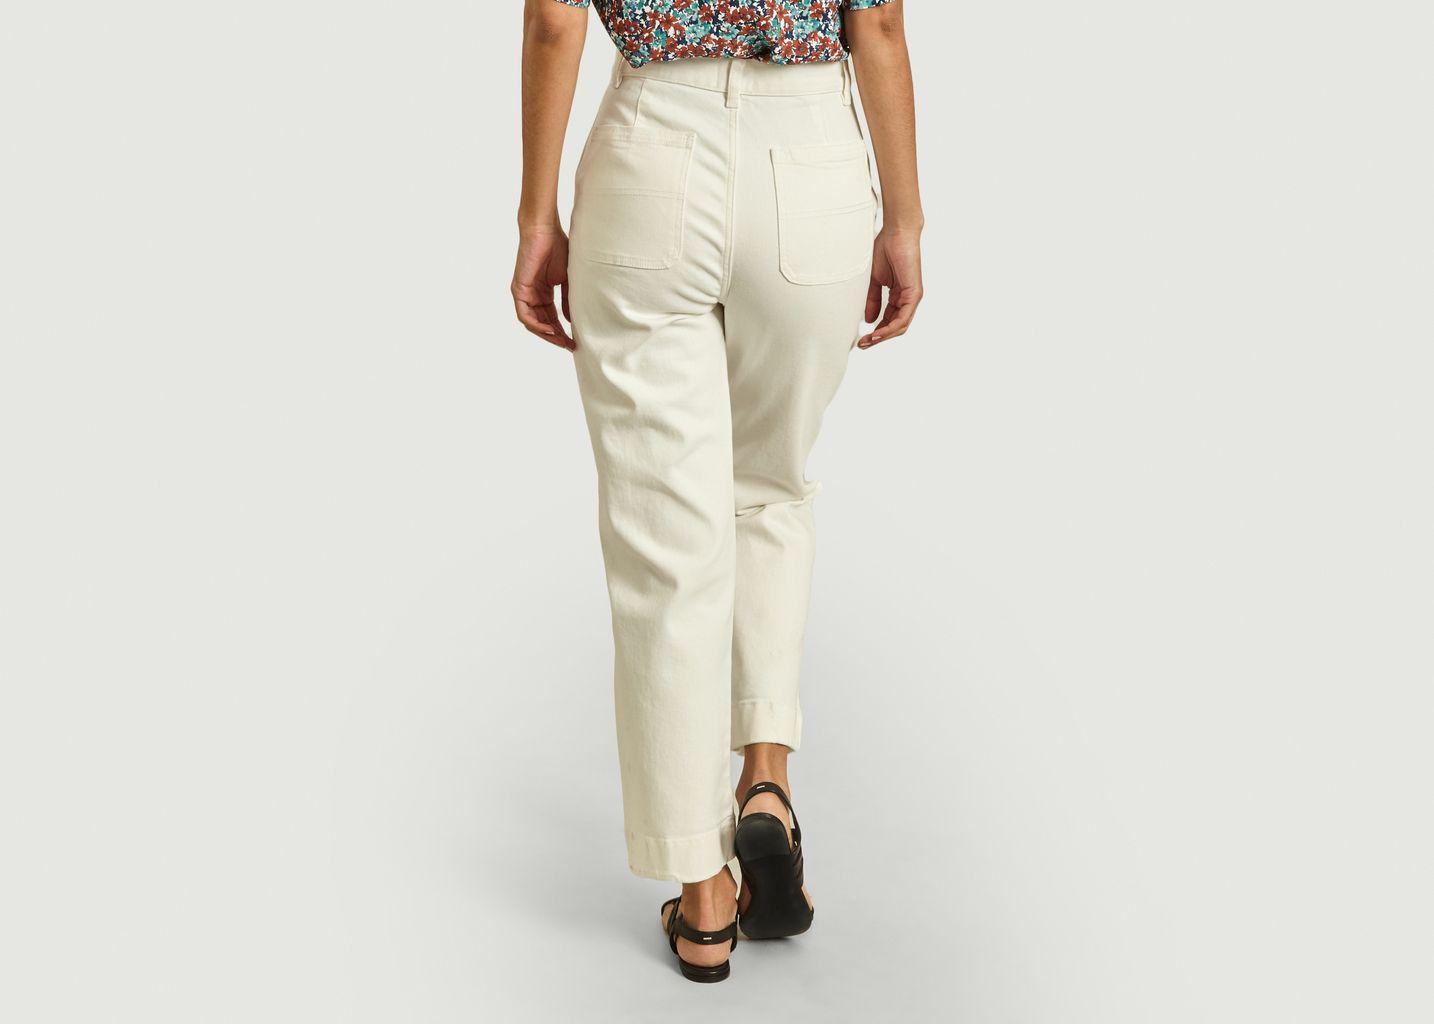 Pantalon droit en coton taille haute - Lacoste Live